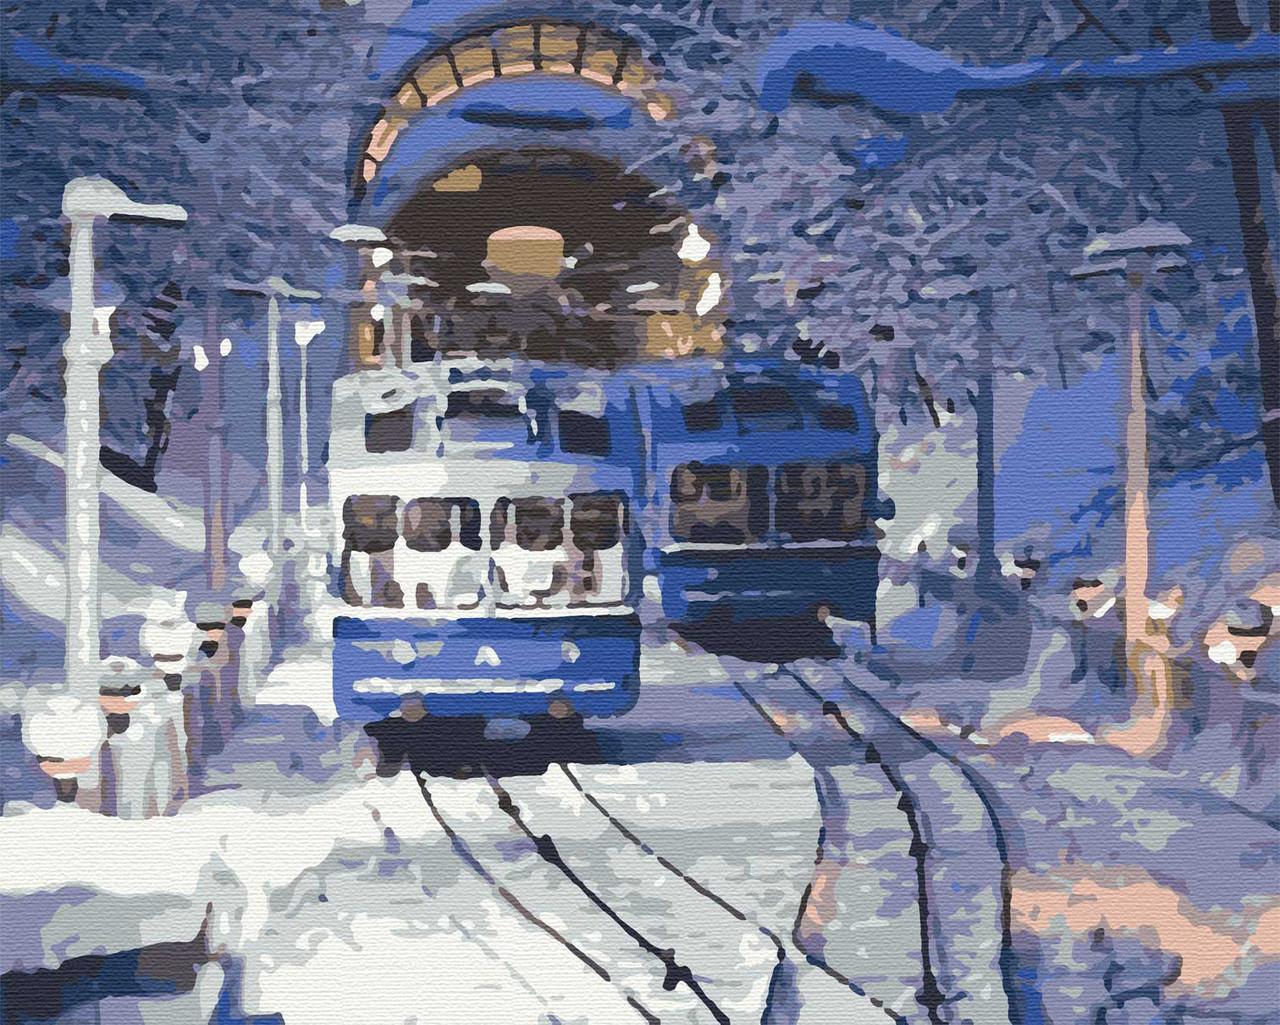 Картина за номерами міста пейзаж київ 40х50 Київський Фунікулер